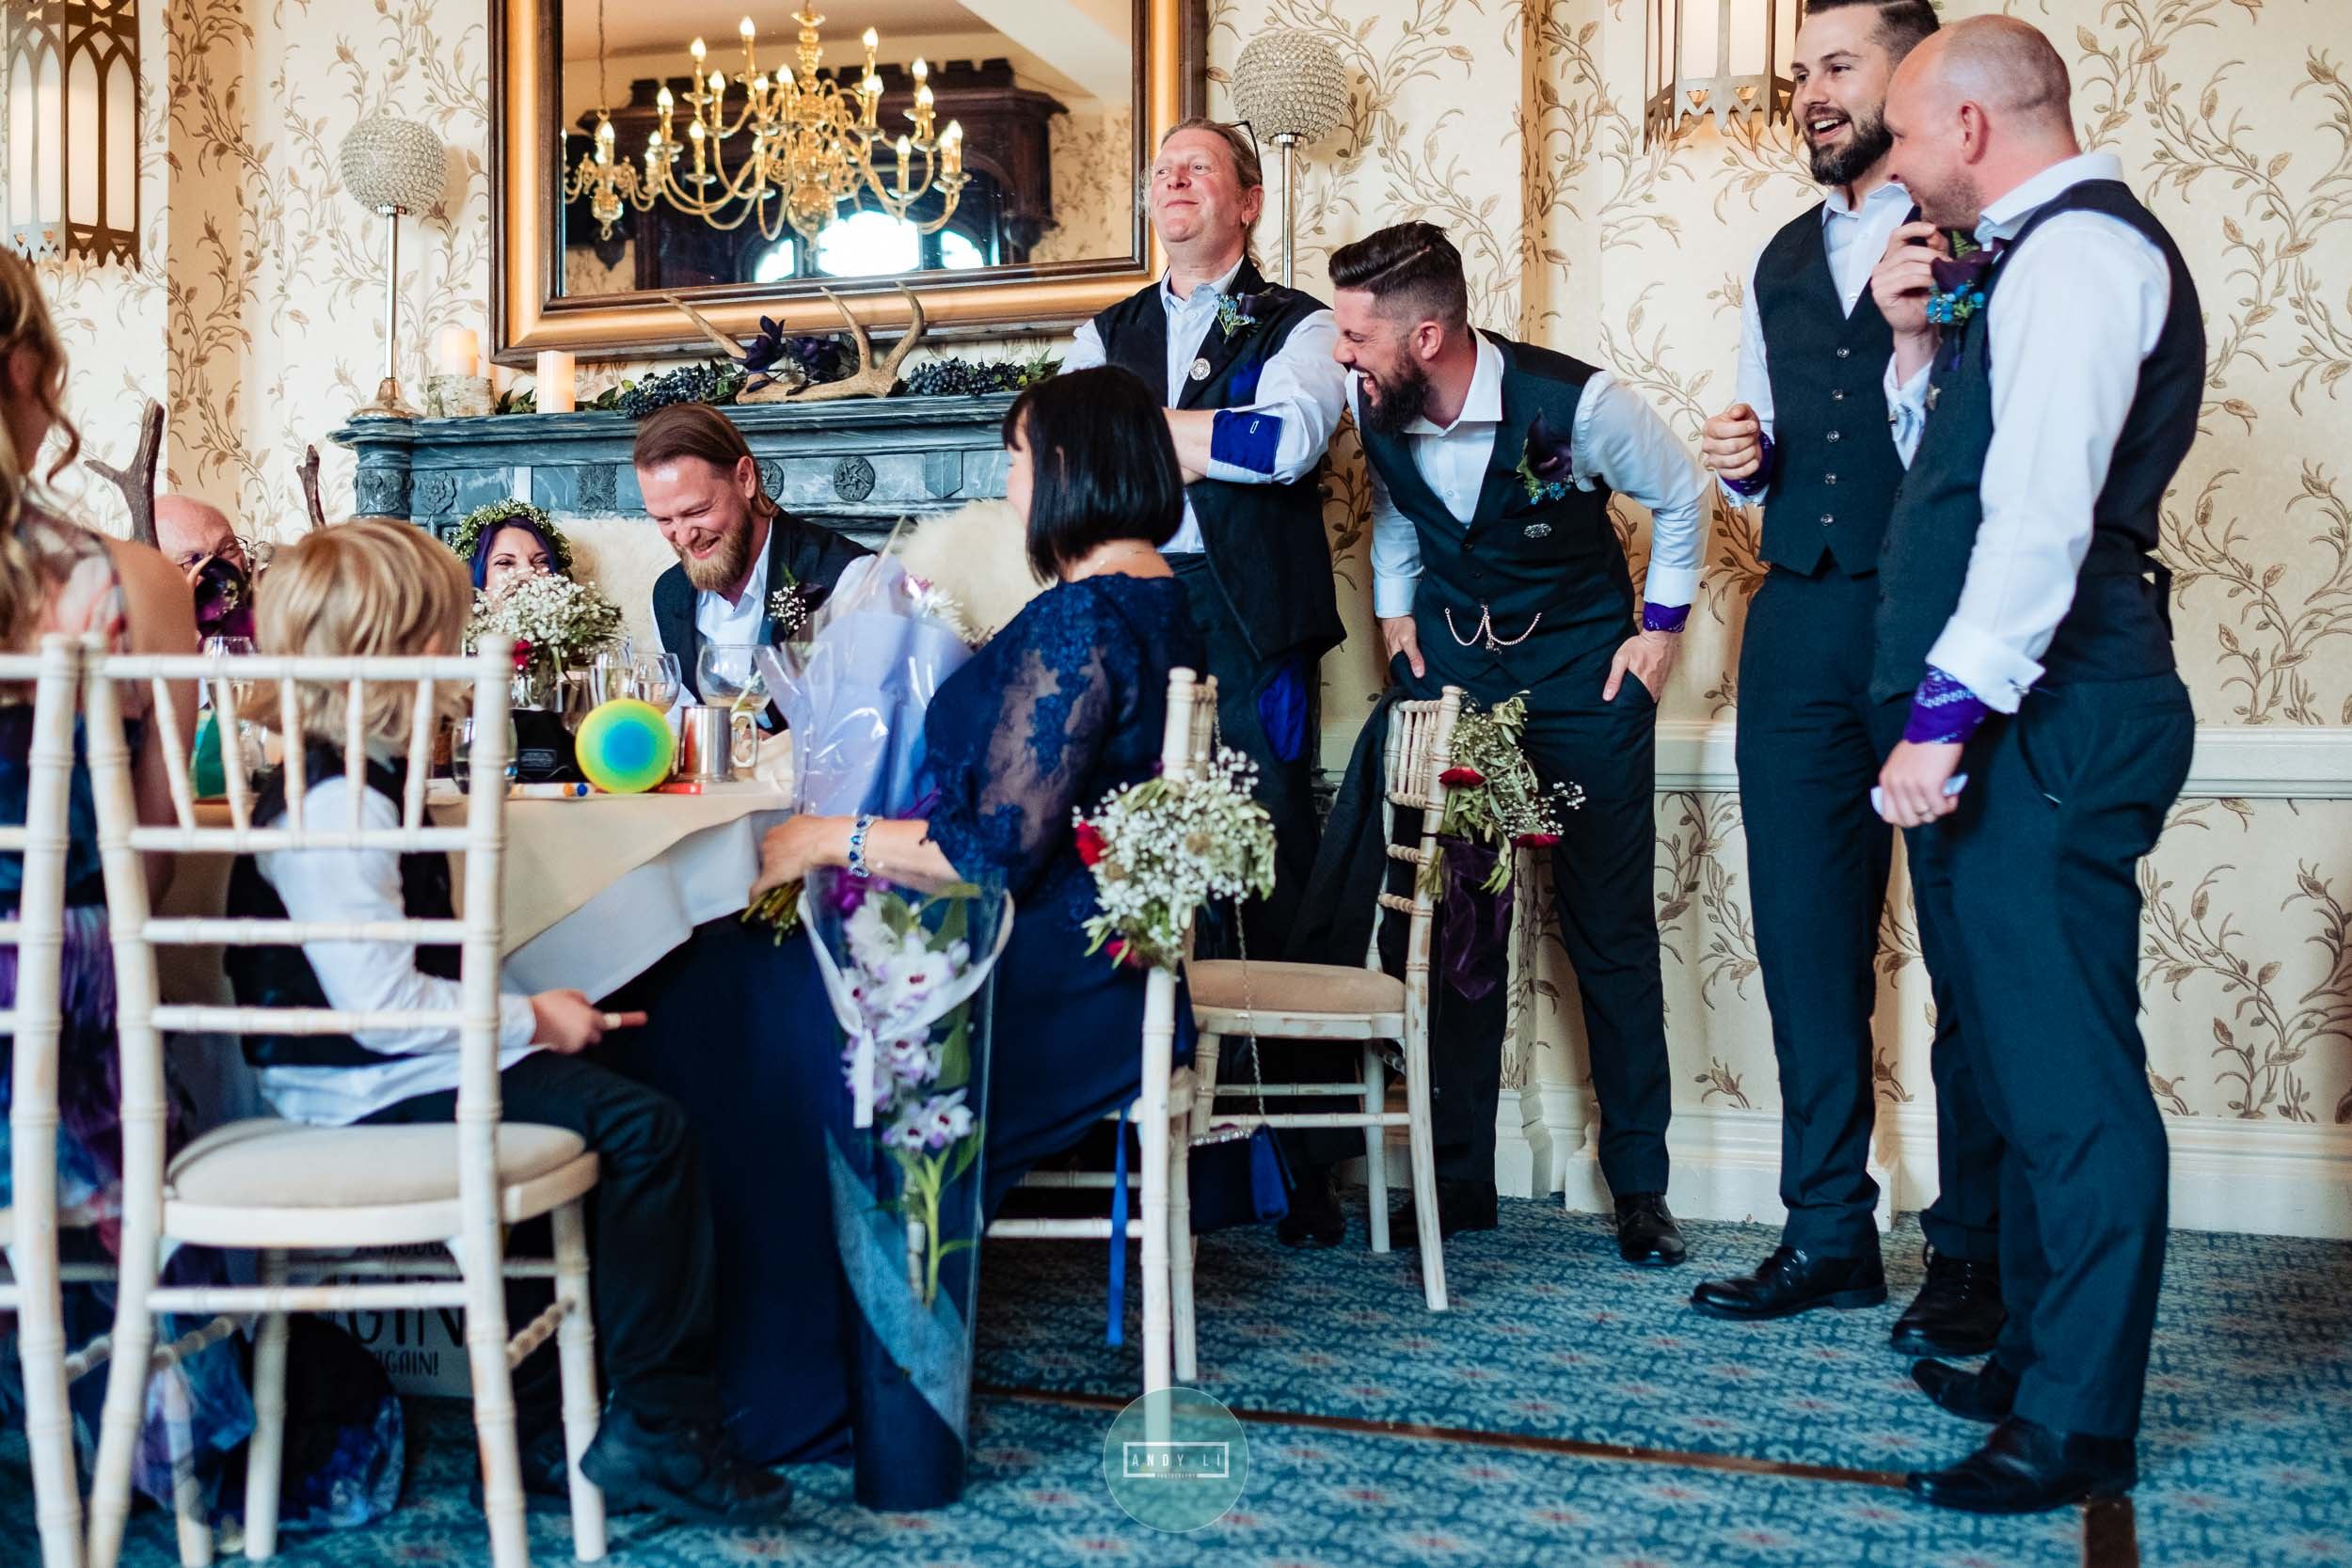 Rowton Castle Wedding Photographer-079-AXT23299.jpg